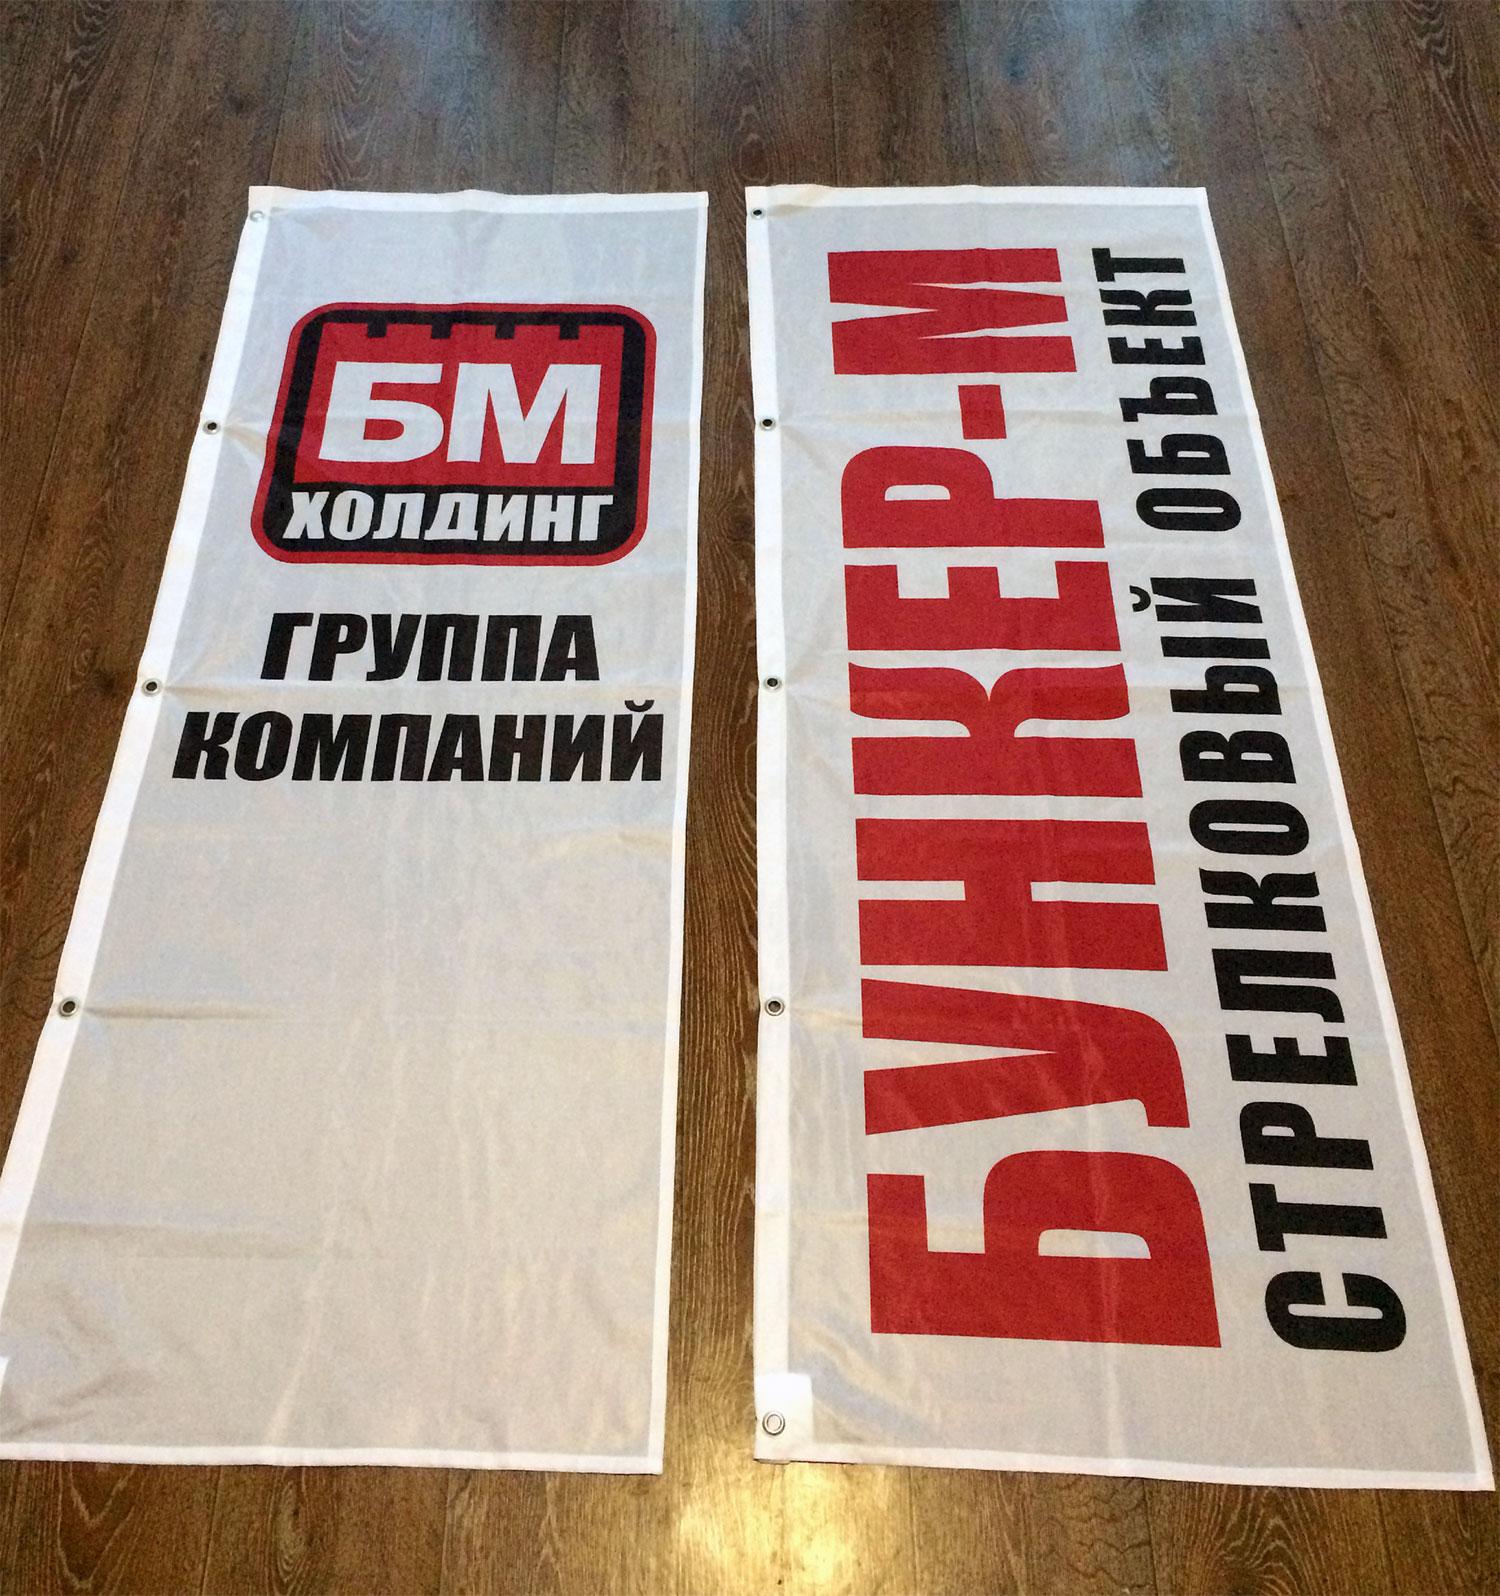 флаги-бункер-м-БМ-групп-Воронеж